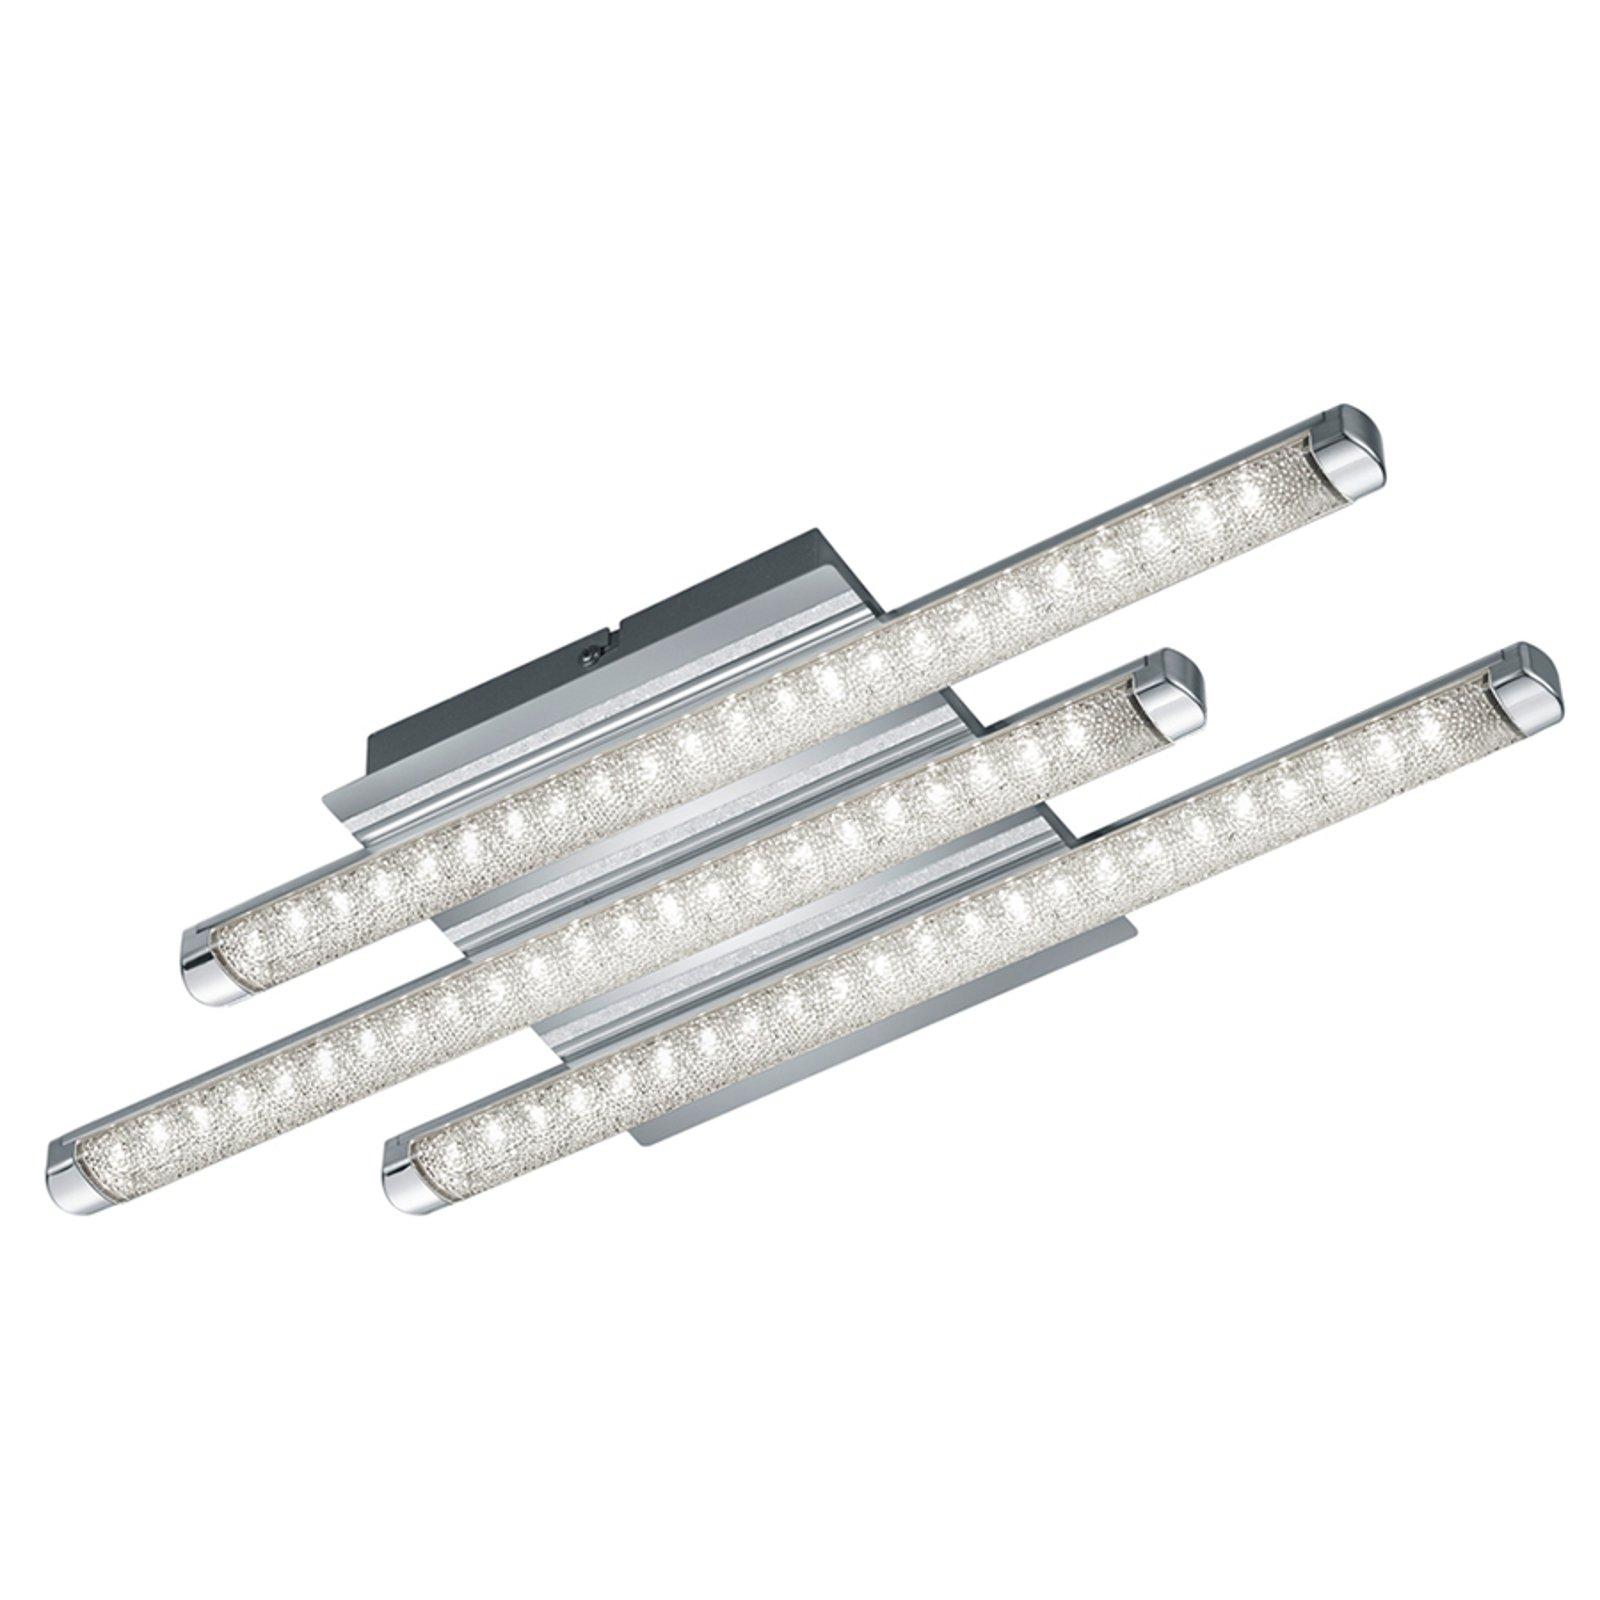 LED taklampen Street med 3 lys og krystalldesign